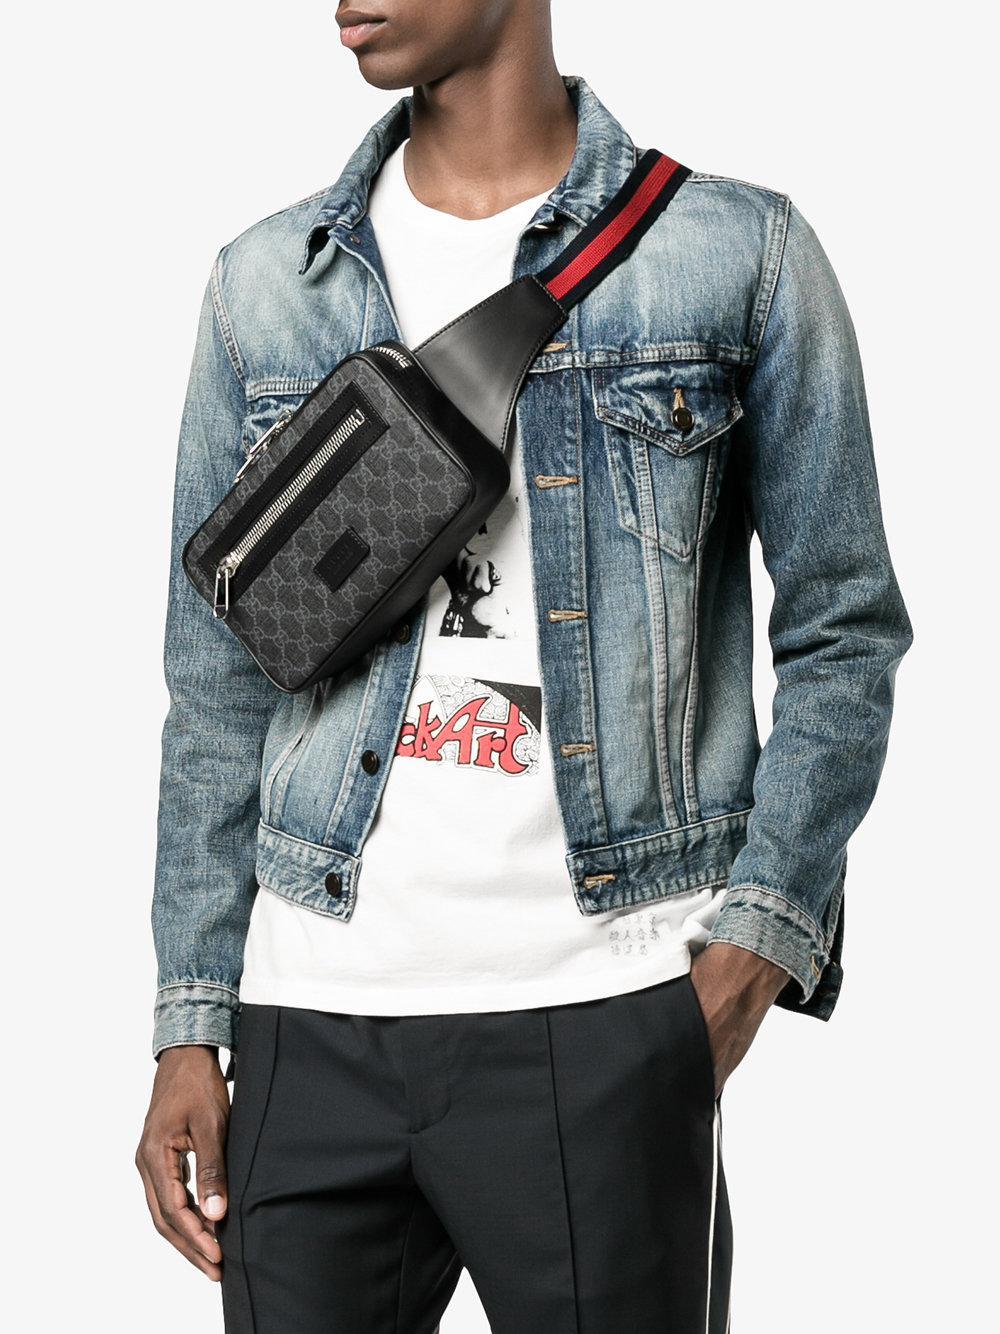 Gucci Leather Gg Supreme Belt Bag In Black For Men - Lyst